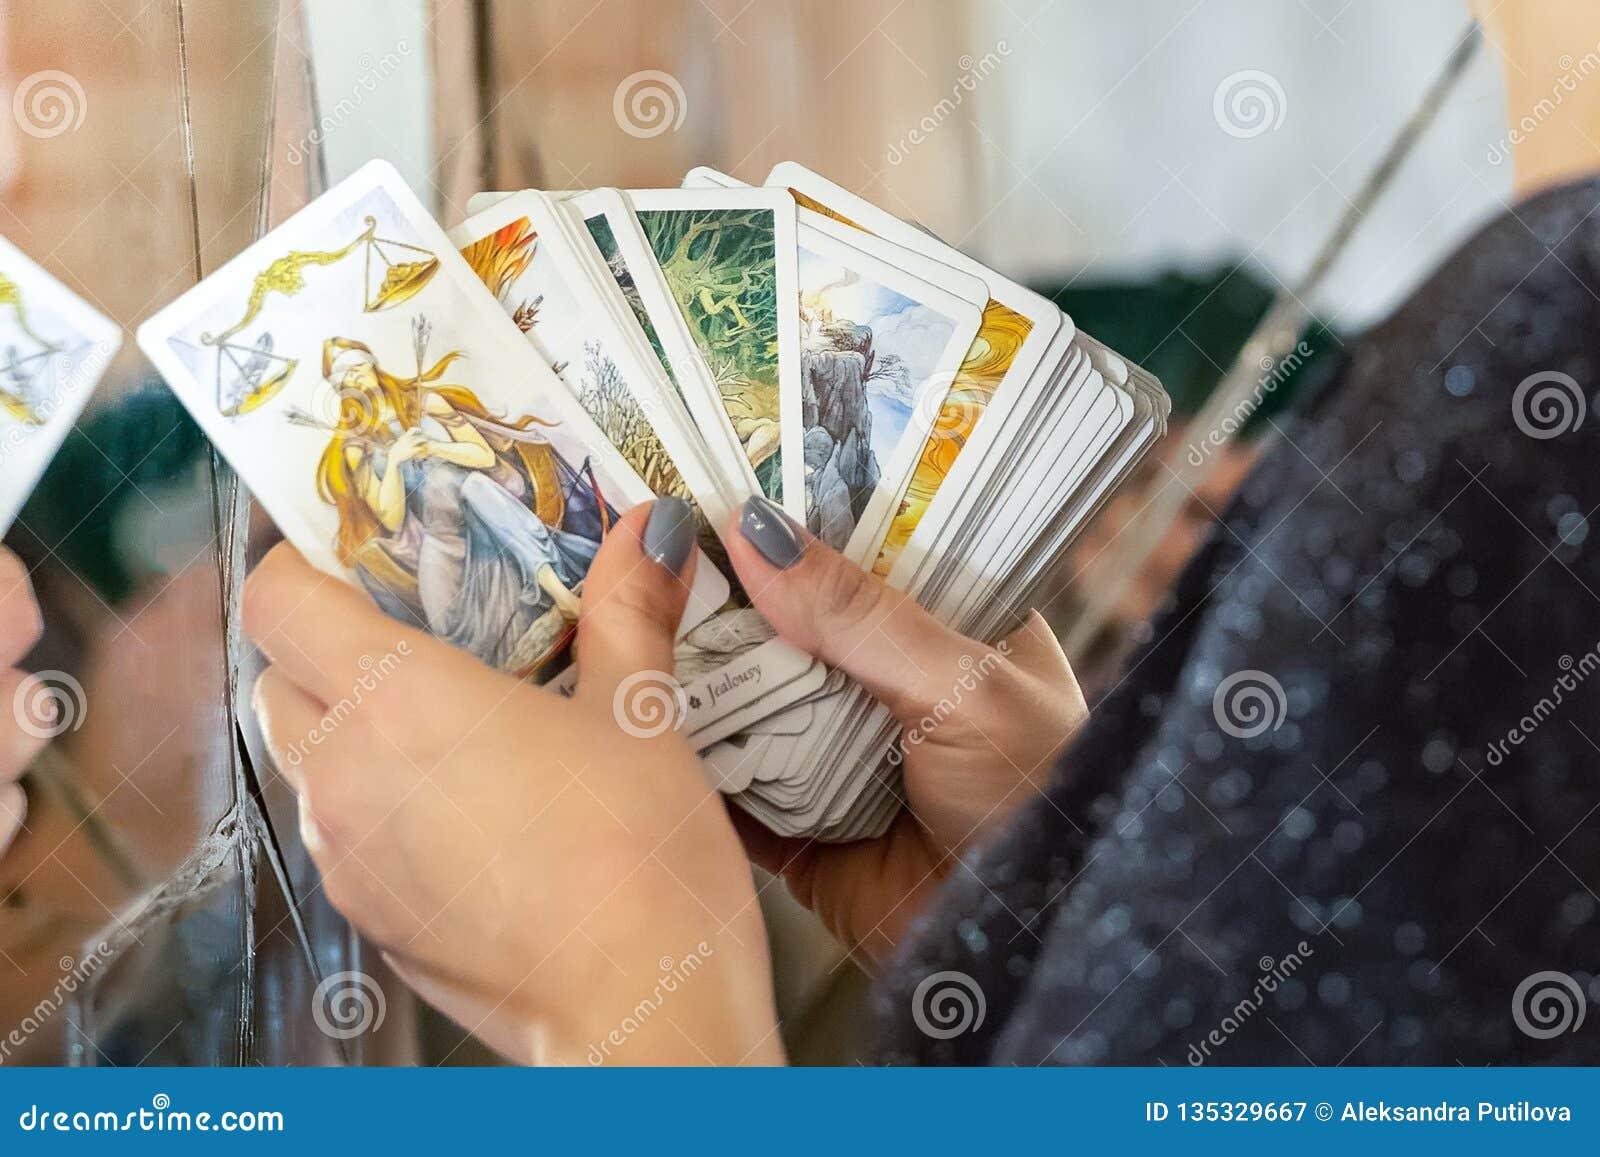 Ο θηλυκός ειδικός στις διαγνώσεις εξετάζει παρουσιάζει εικασία καρτών